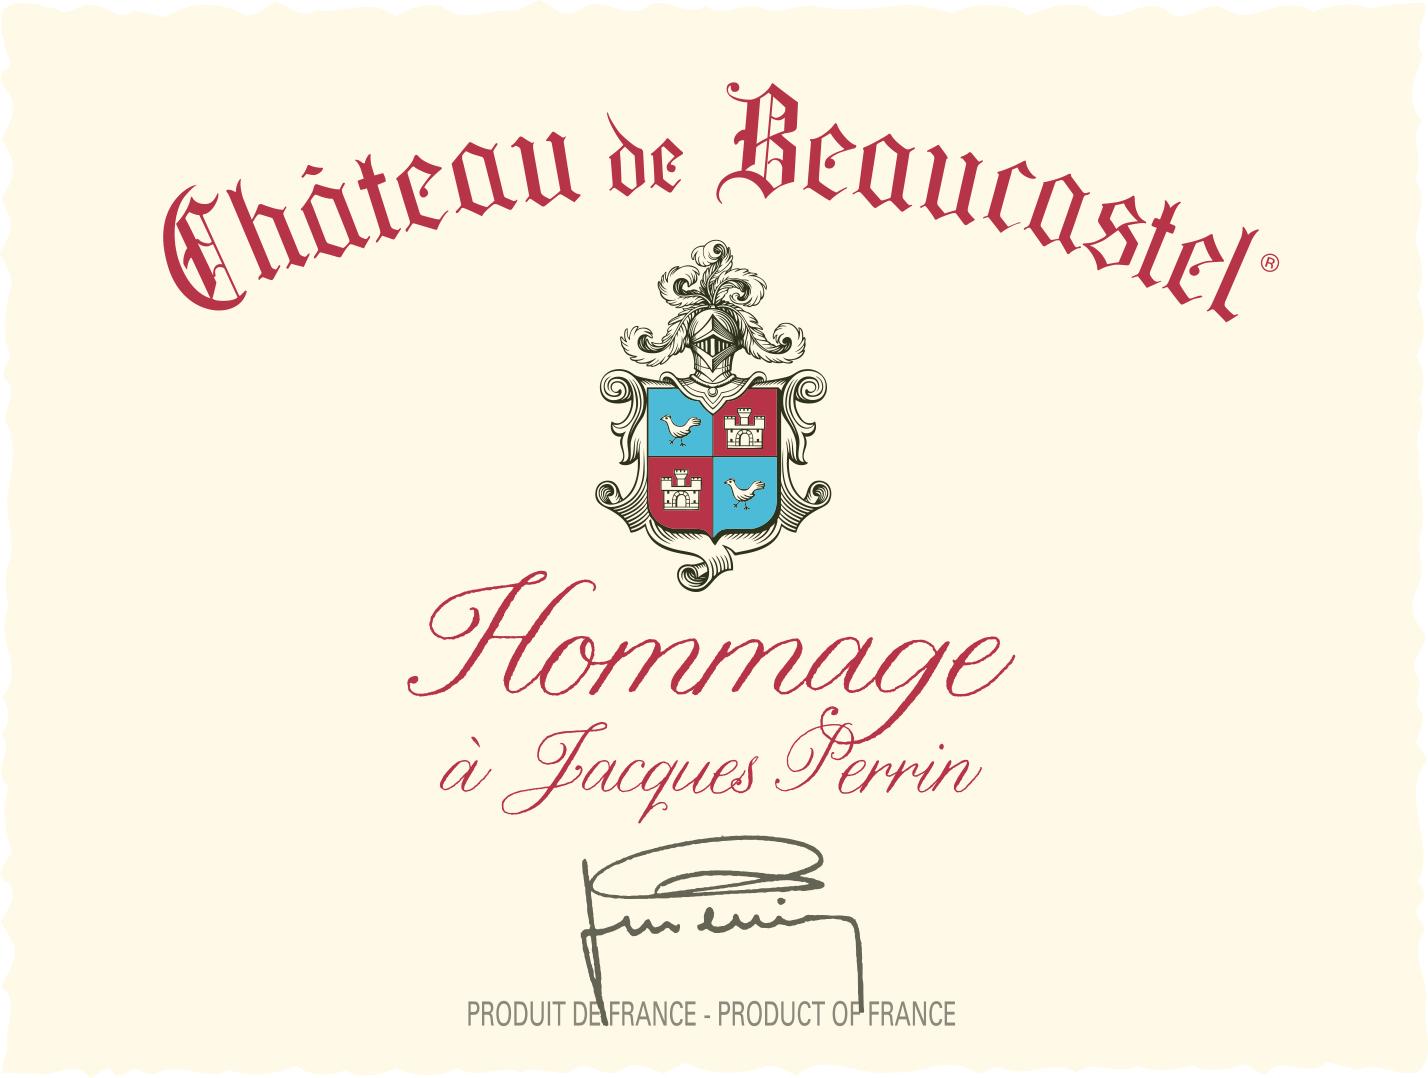 2007 Chateau de Beaucastel Chateauneuf-du-Pape Hommage a Jacques Perrin